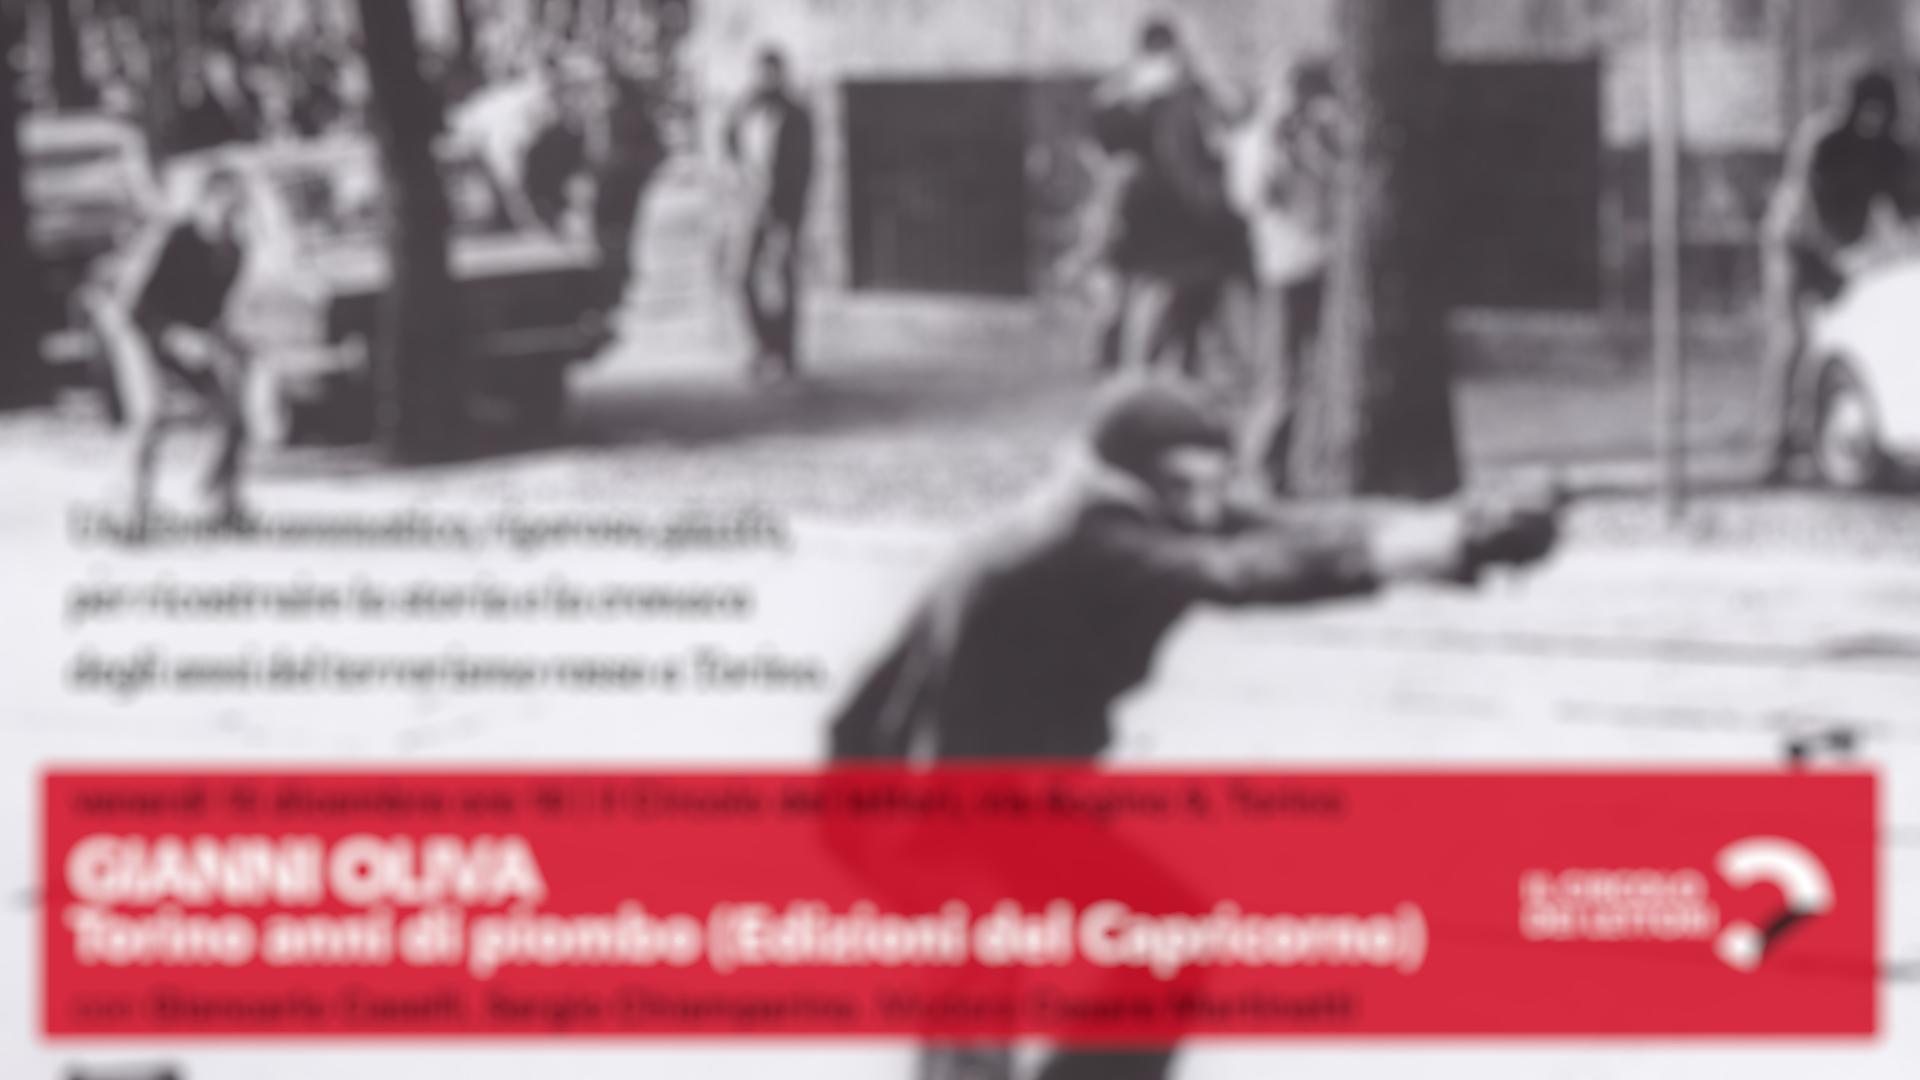 """Evento Per la presentazione del libro """"Torino anni di piombo 1973-1982"""" con Sergio Chiamparino, Giancarlo Caselli e Maurizio Molinari."""